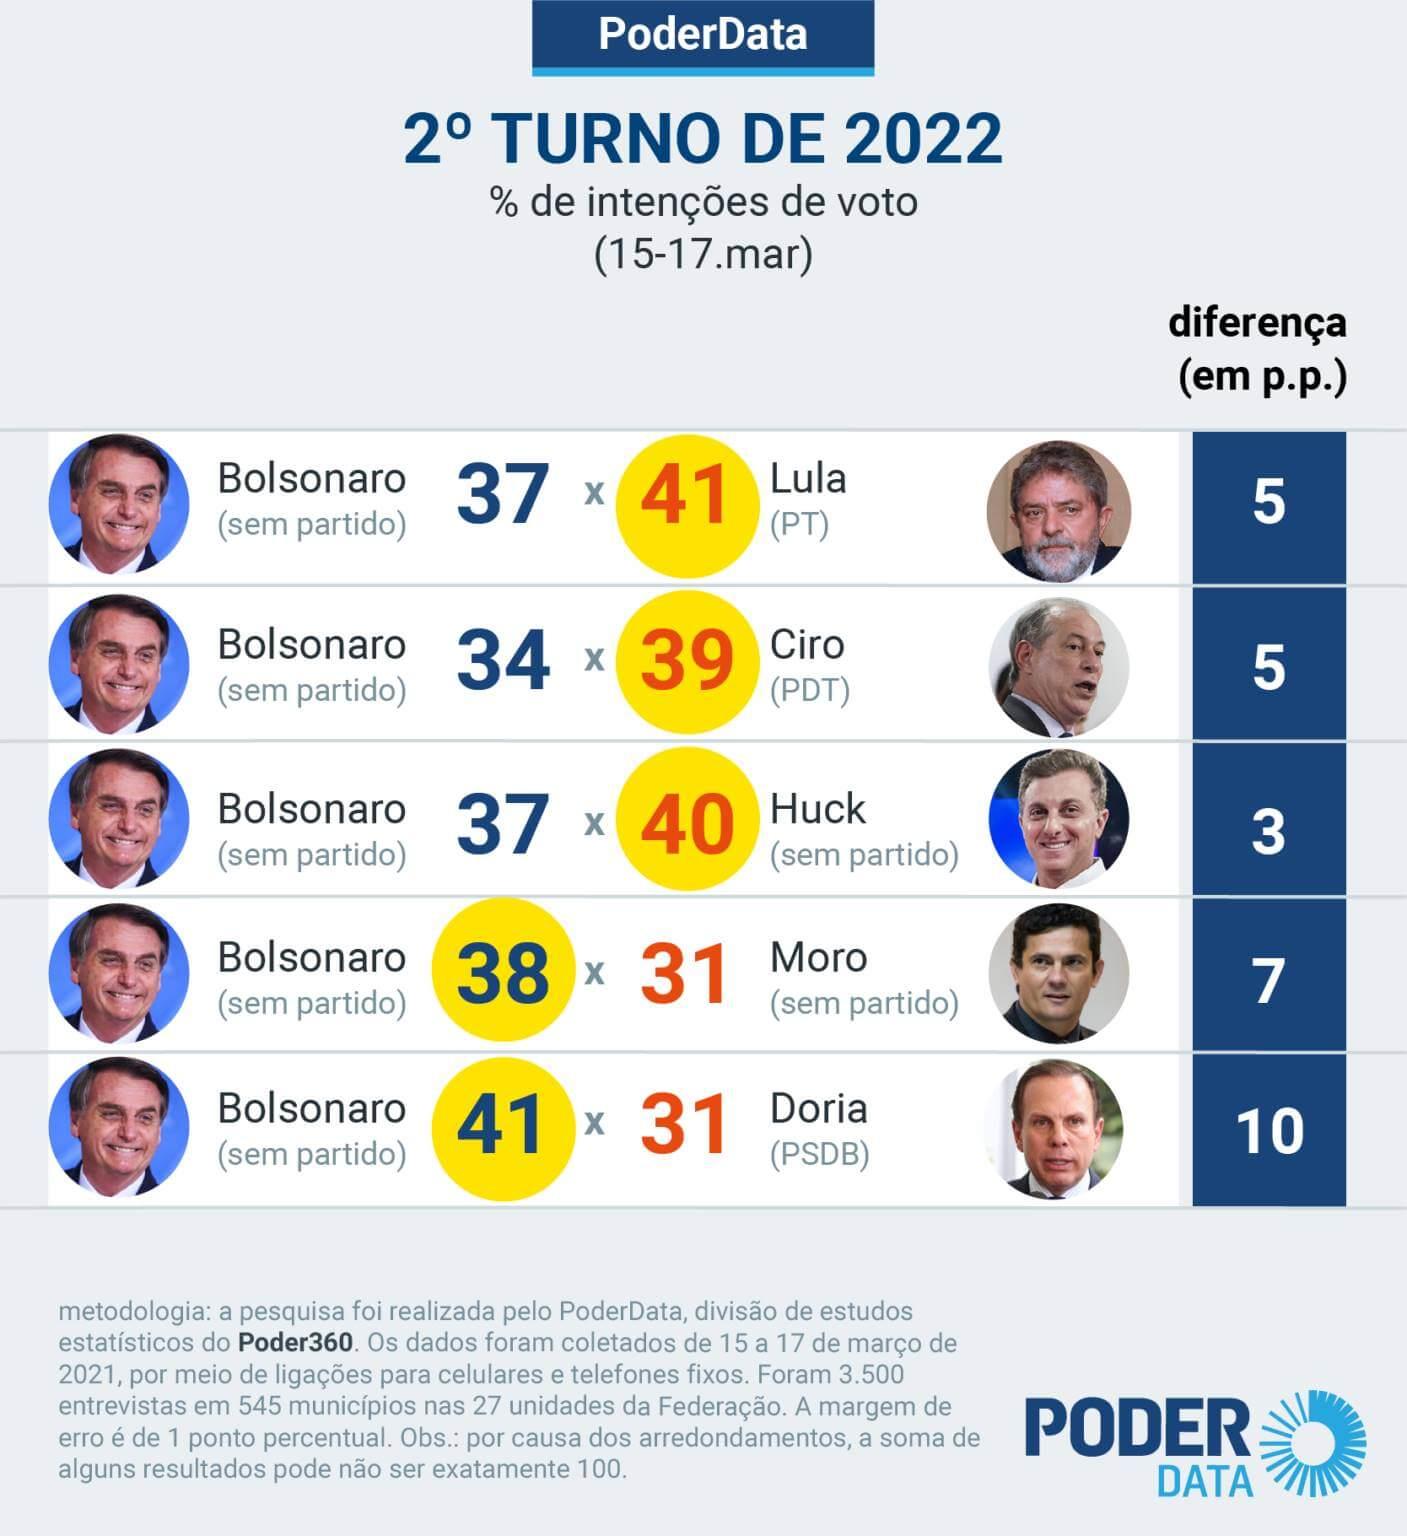 Nova pesquisa eleitoral 2022 PoderData Lula e Ciro Ganha do Bolsonaro